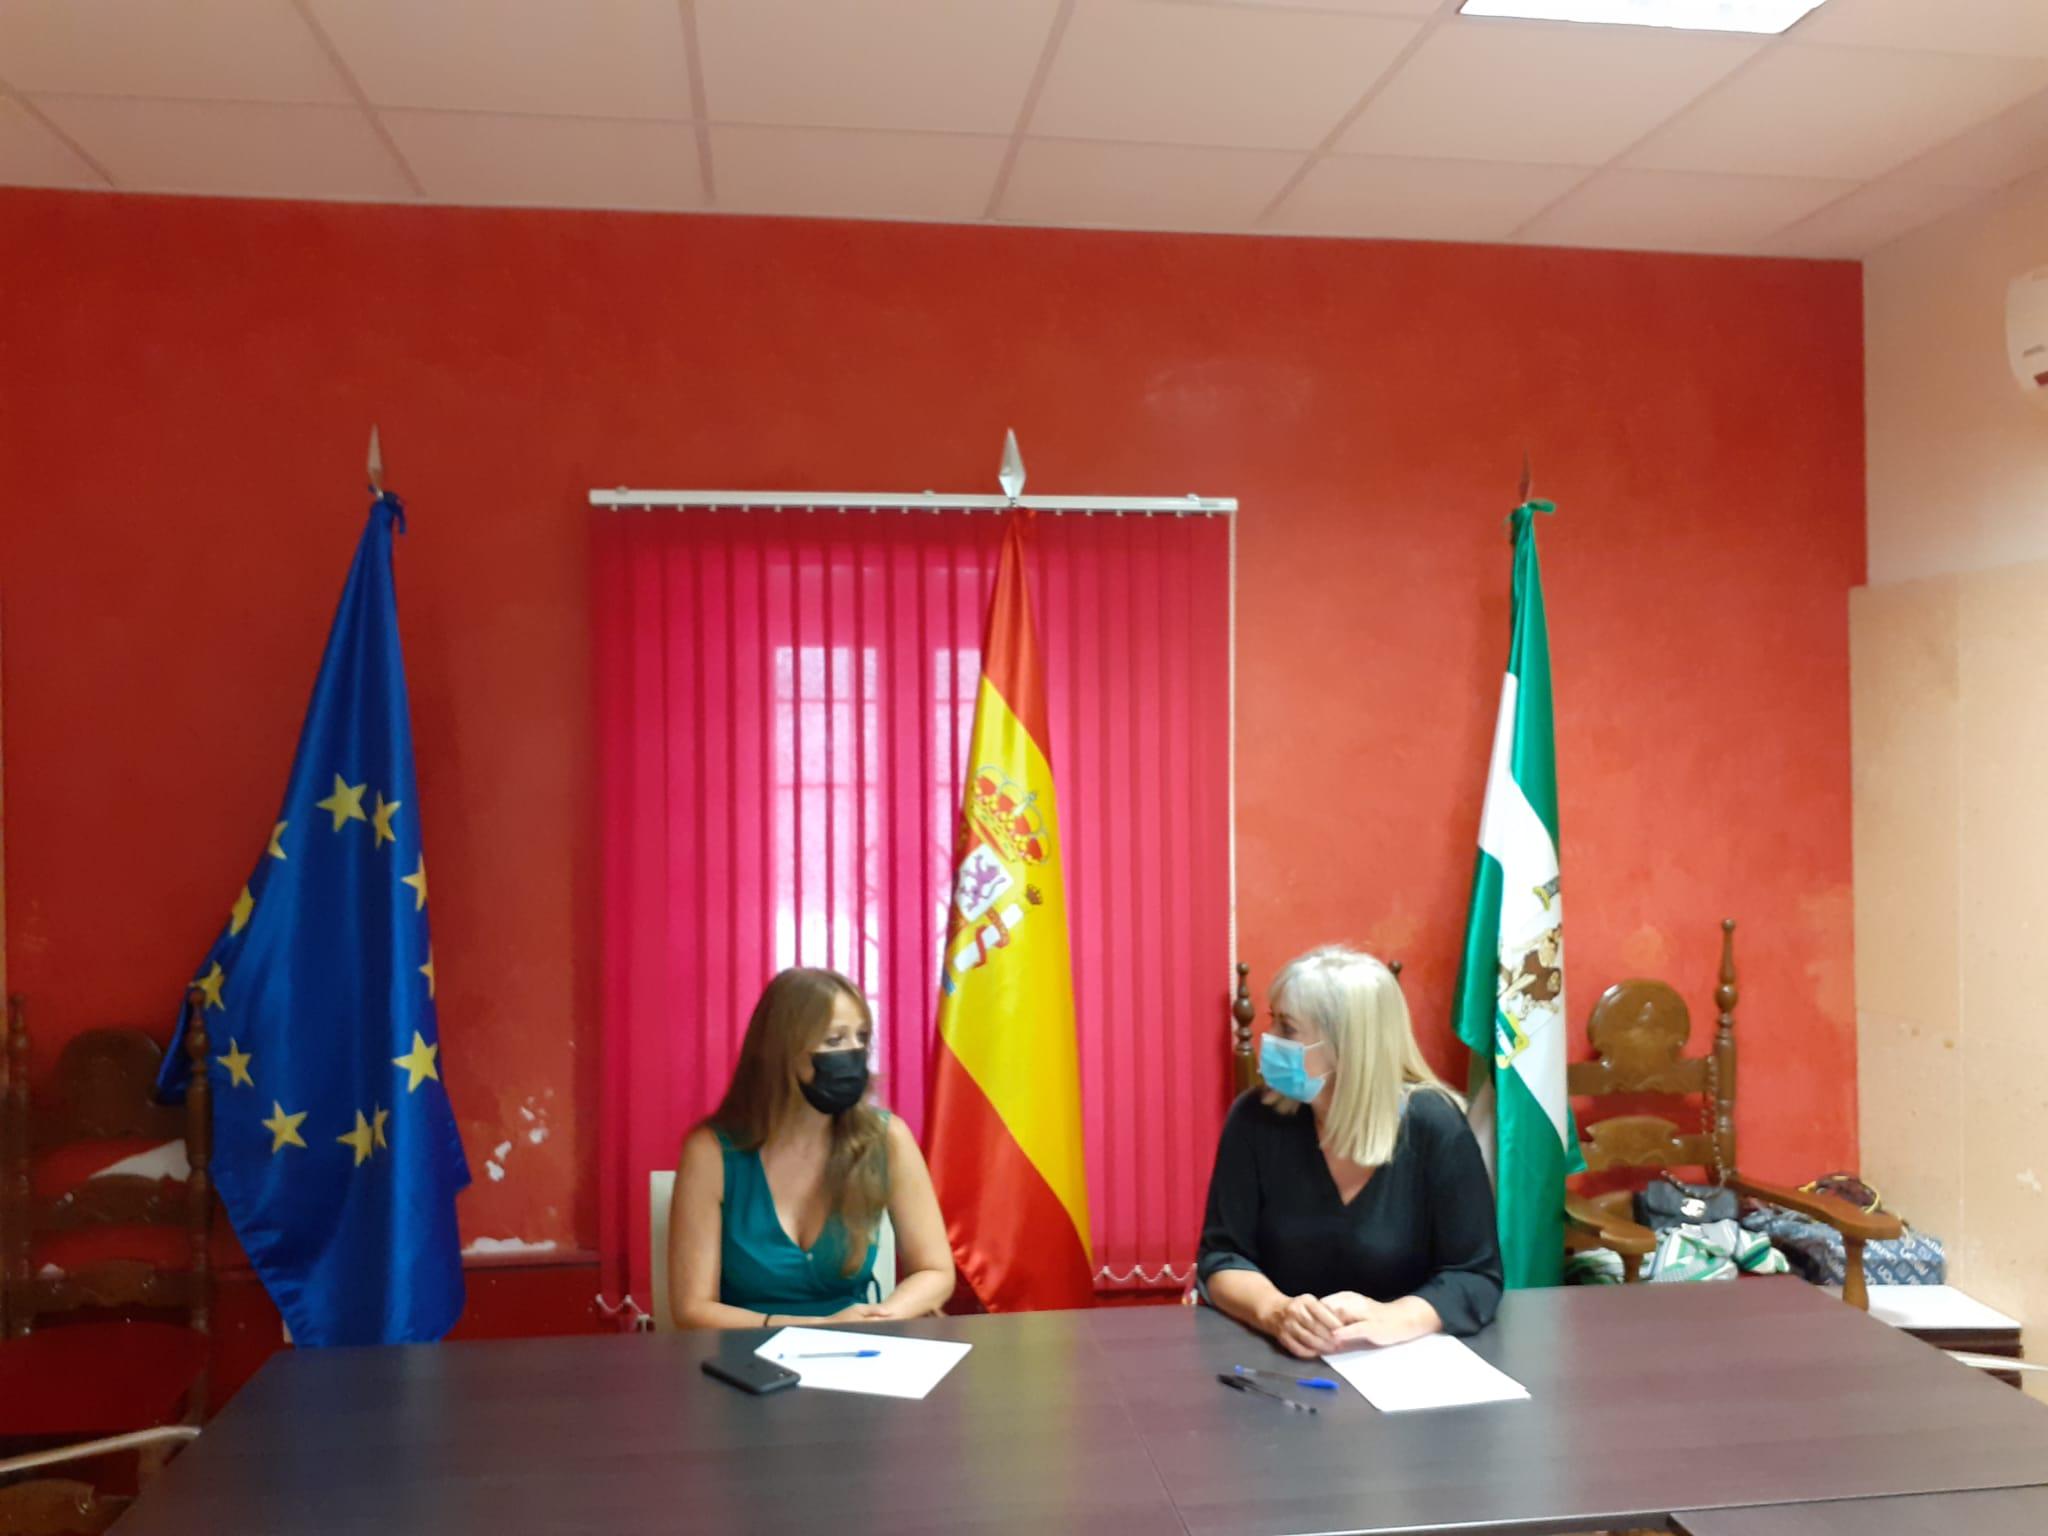 La Peza se interesa por la acción formativa para personas demandantes de empleo con el nuevo Programa de Empleo y Formación